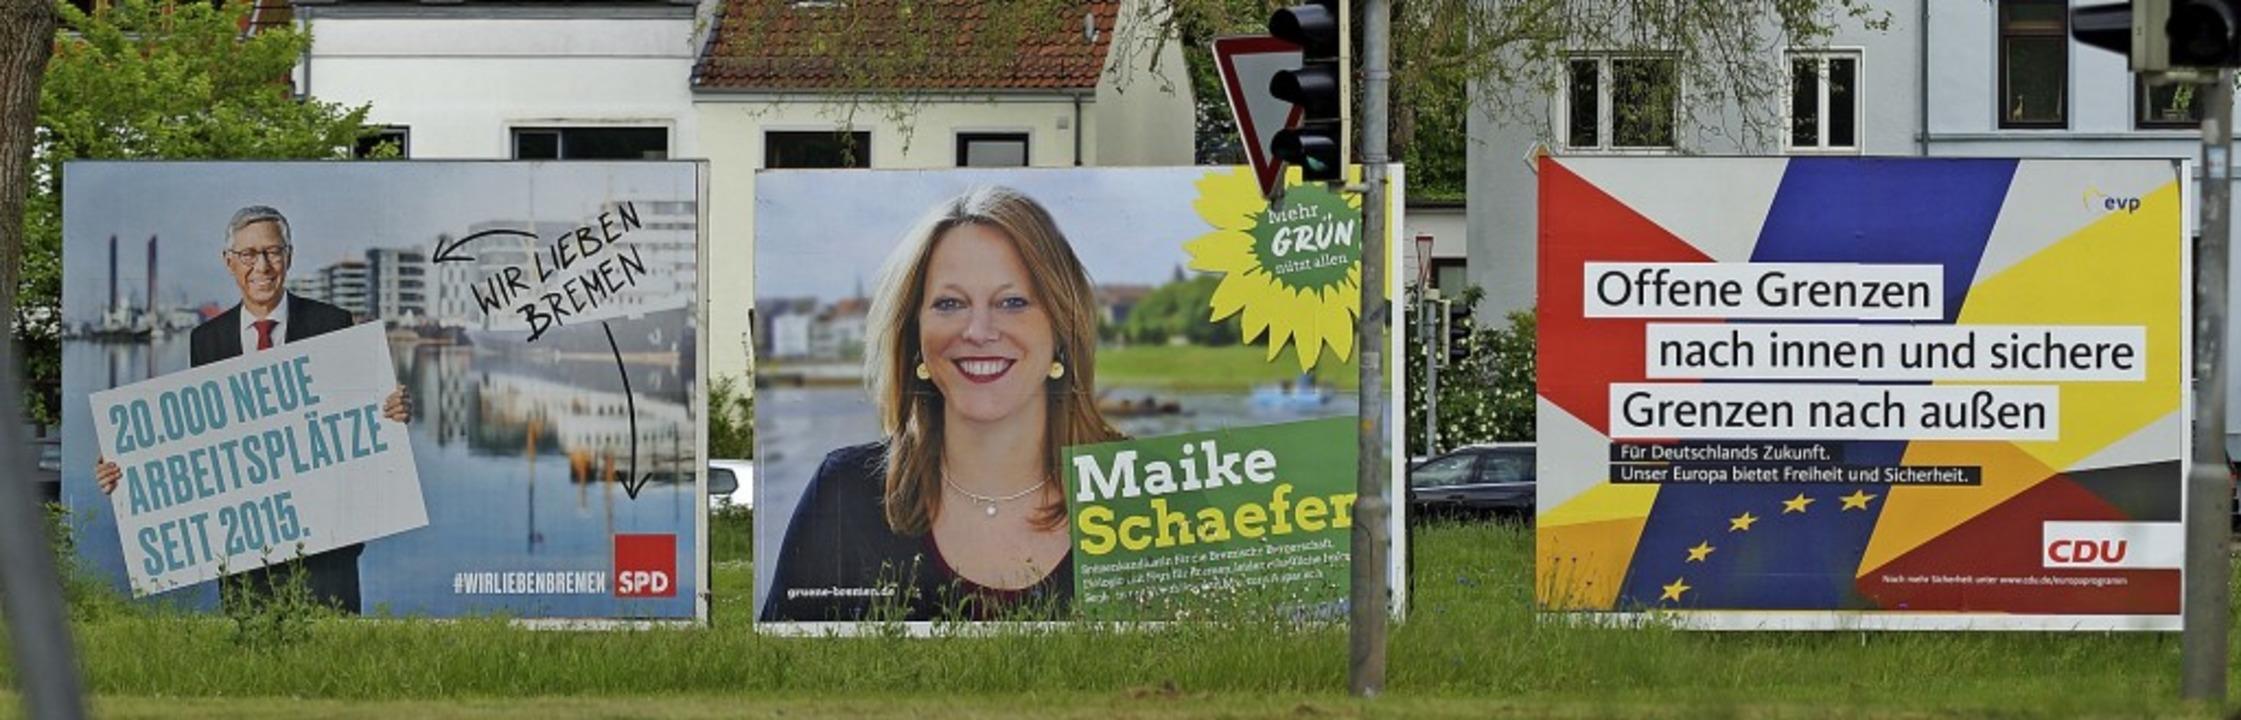 Wohin geht die Reise in Bremen? Wahlplakate von SPD, Grünen und CDU  | Foto: Eckhard Stengel